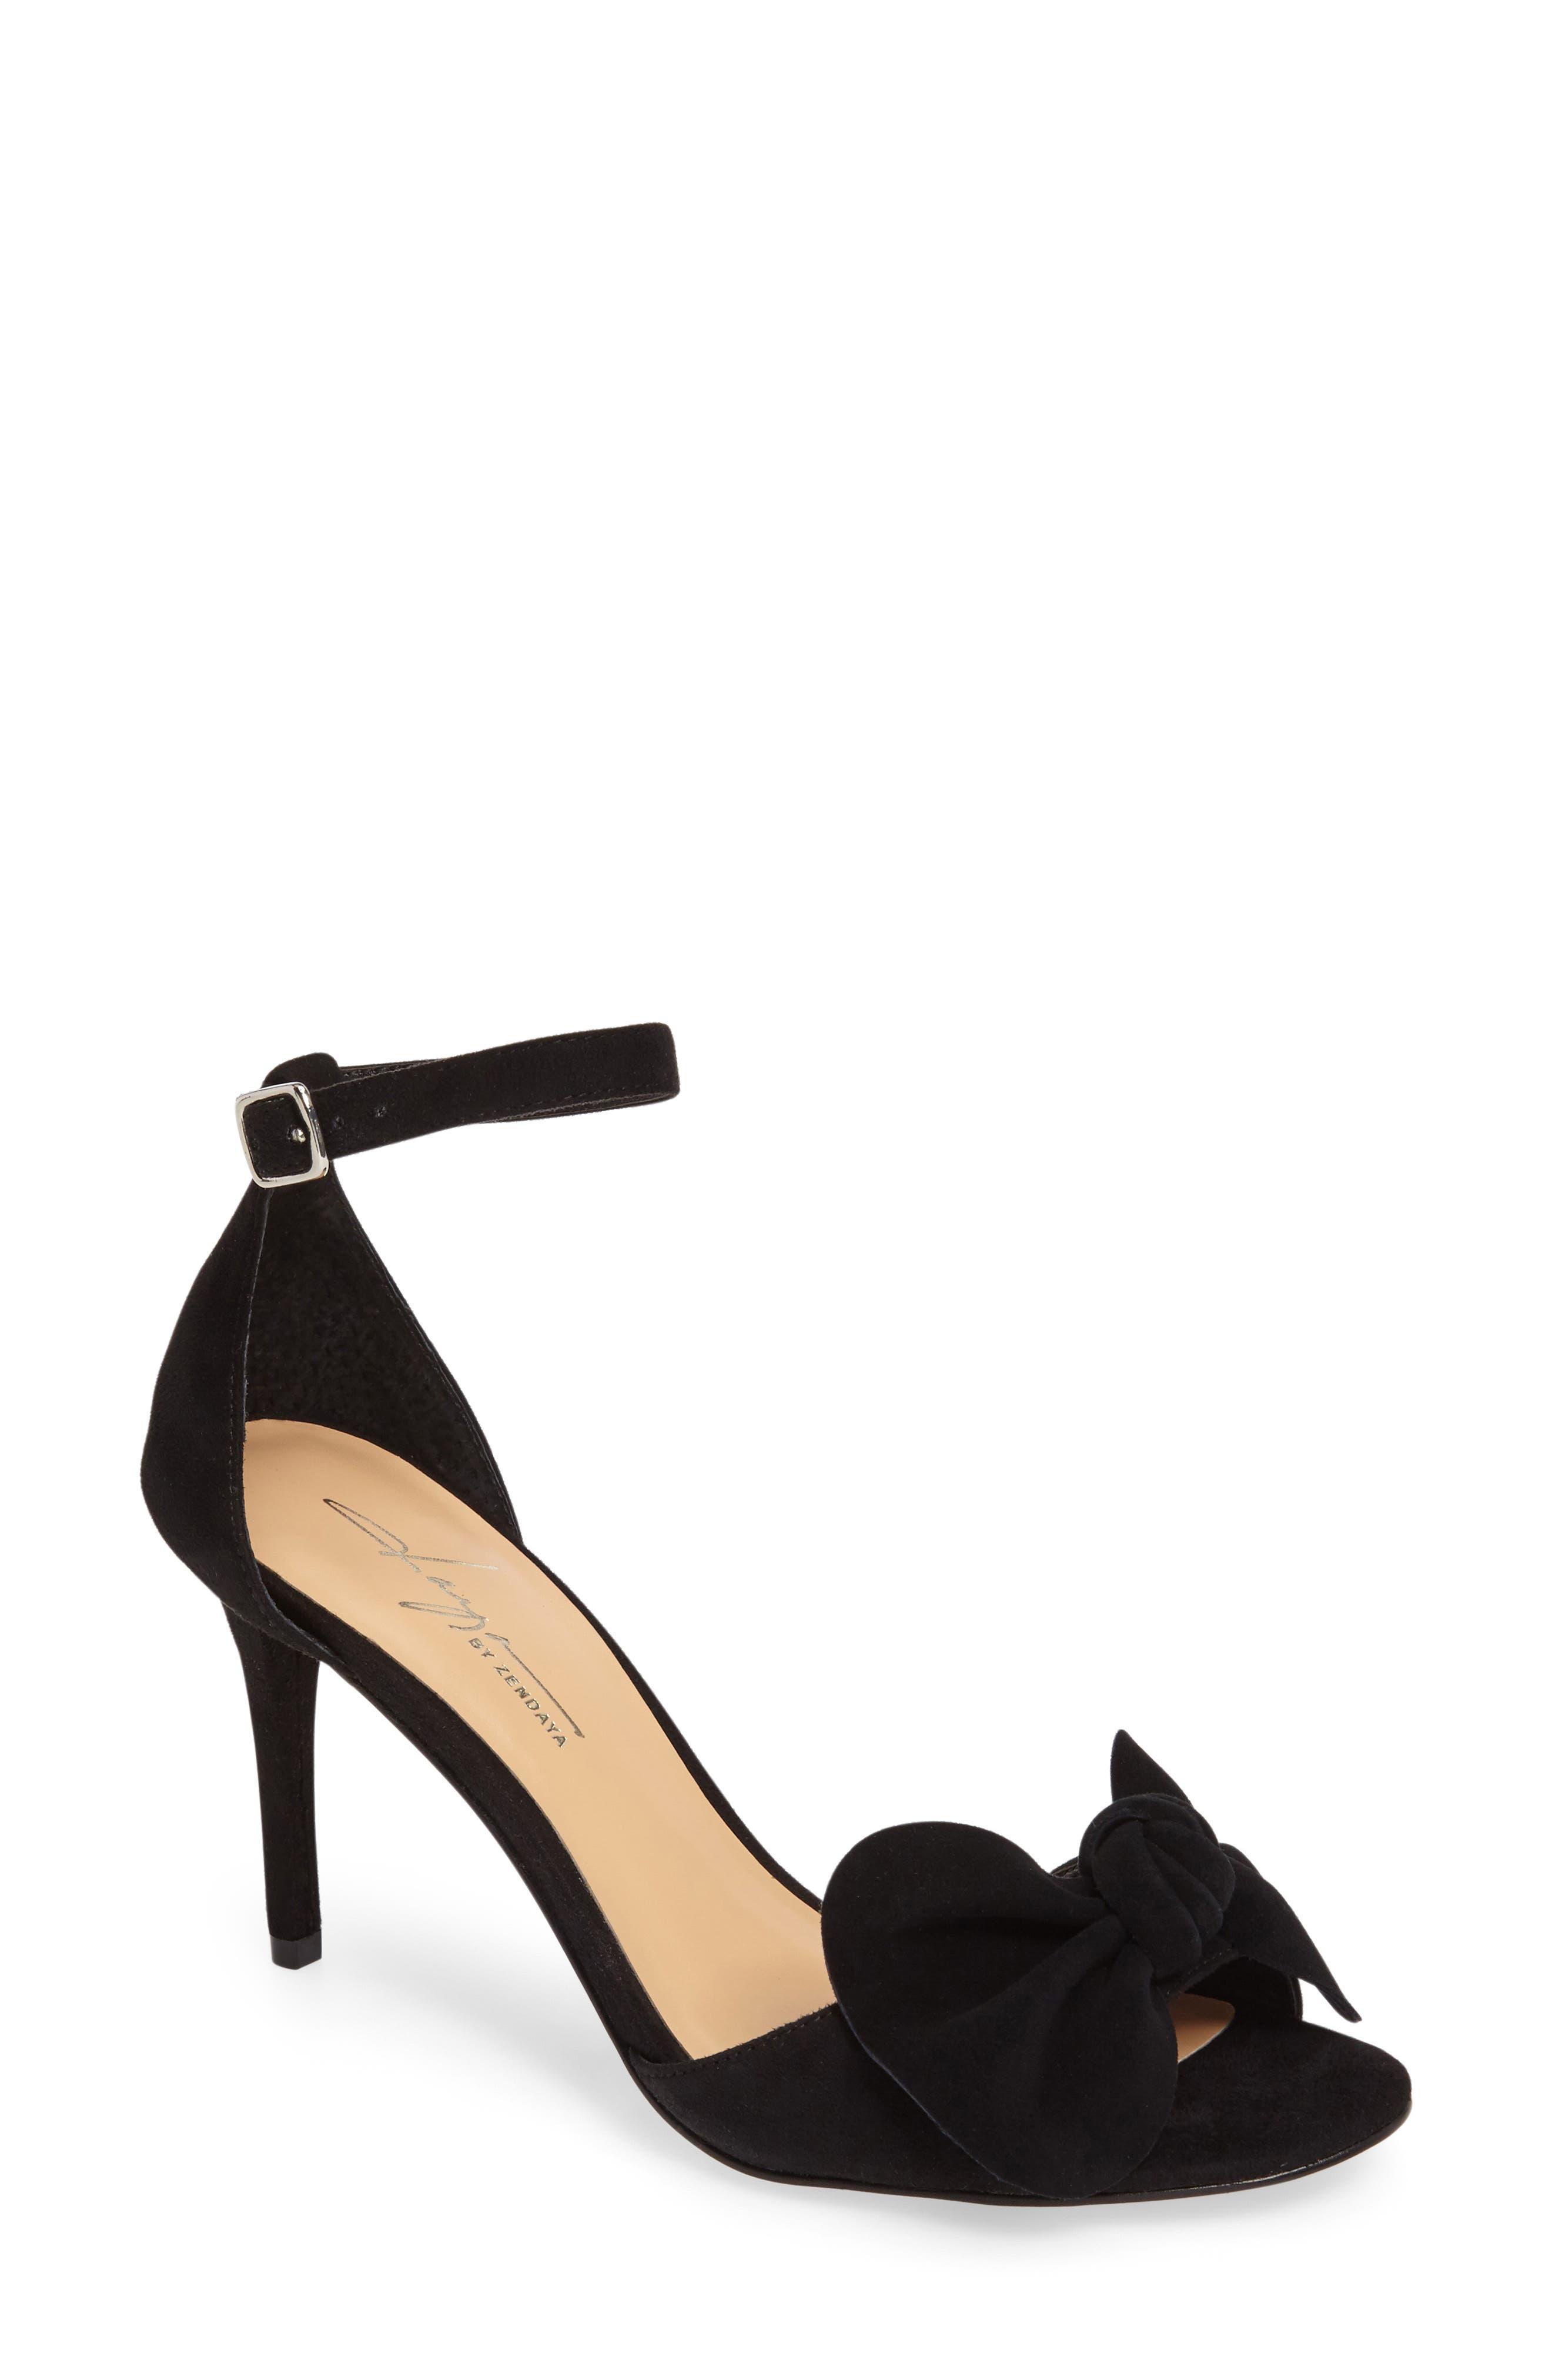 Main Image - Daya by Zendaya Simms Ankle Strap Sandal (Women)